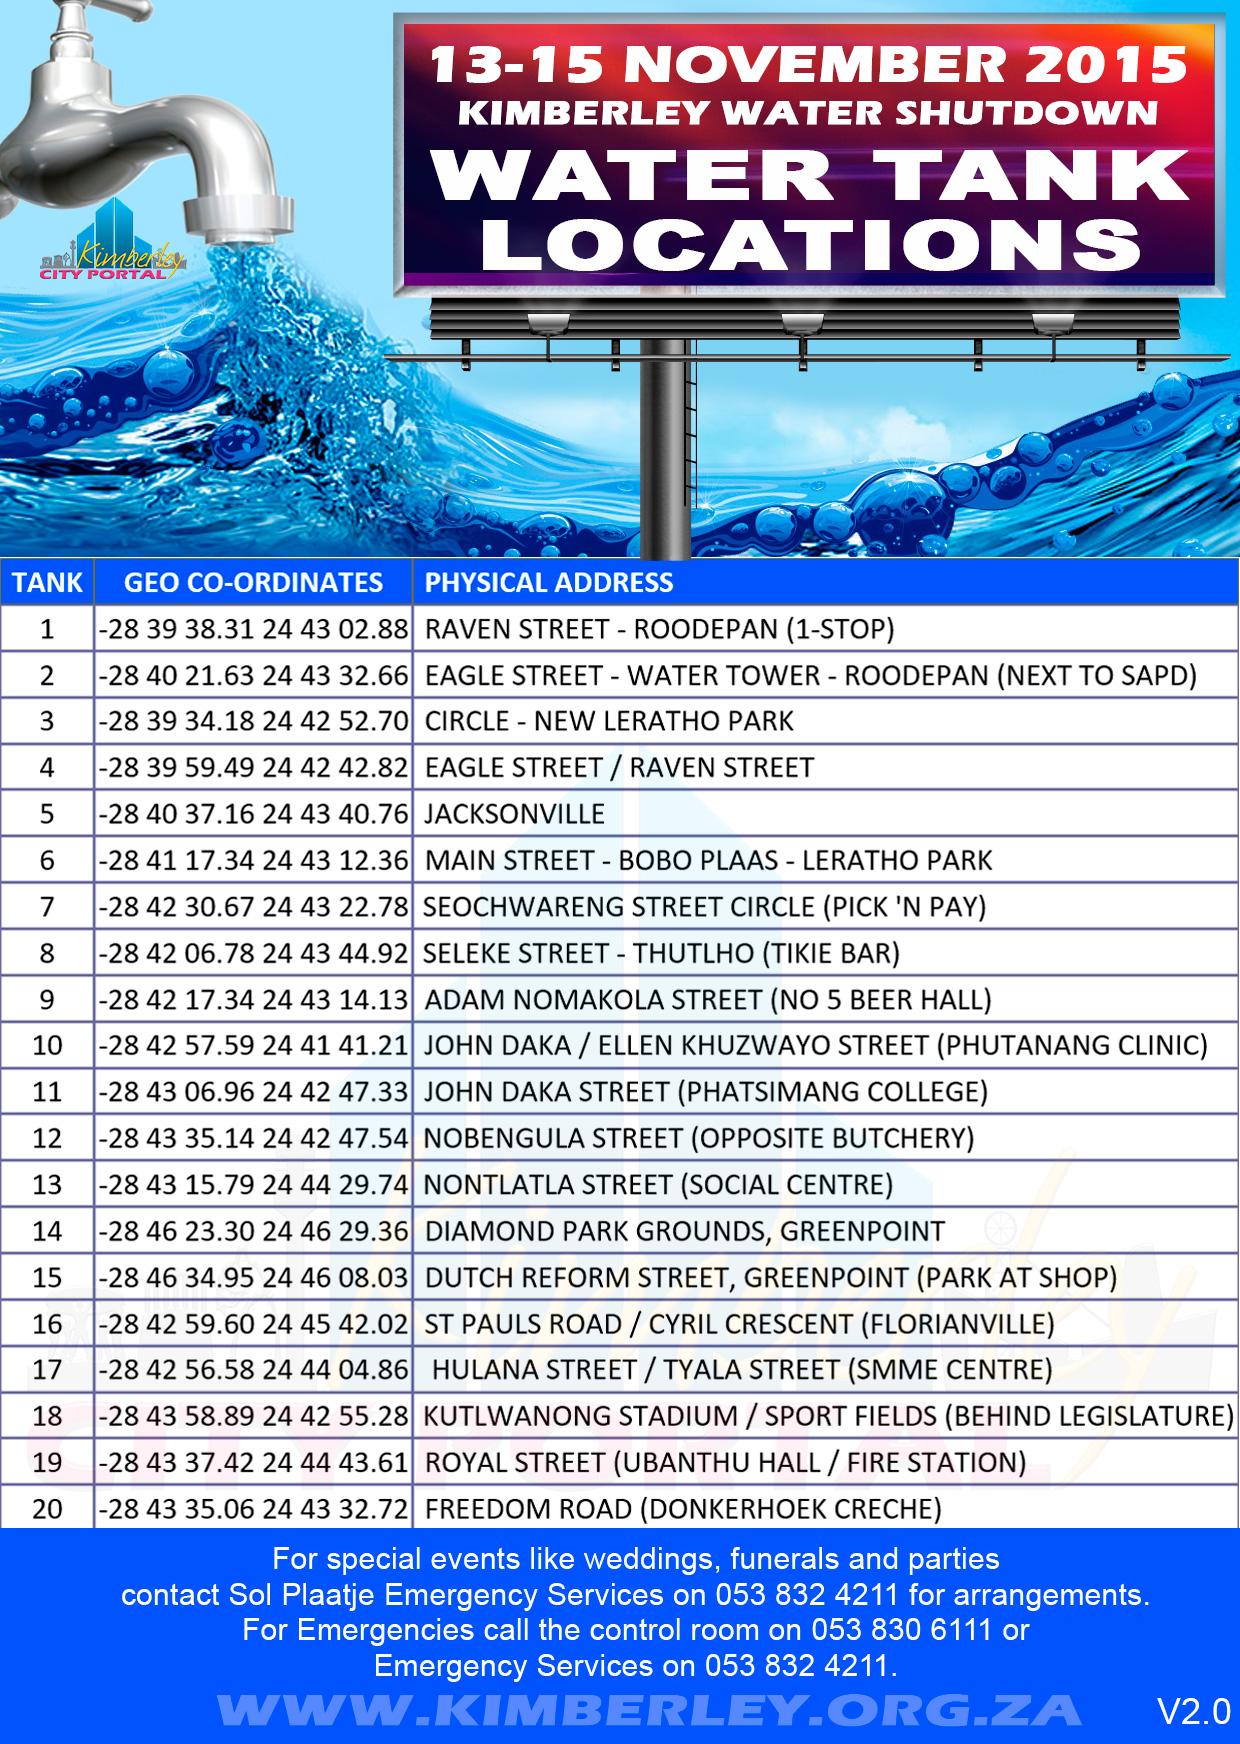 Static Water Tank Locations - Kimberley City Wide Water Shutdown 13-15 November 2015